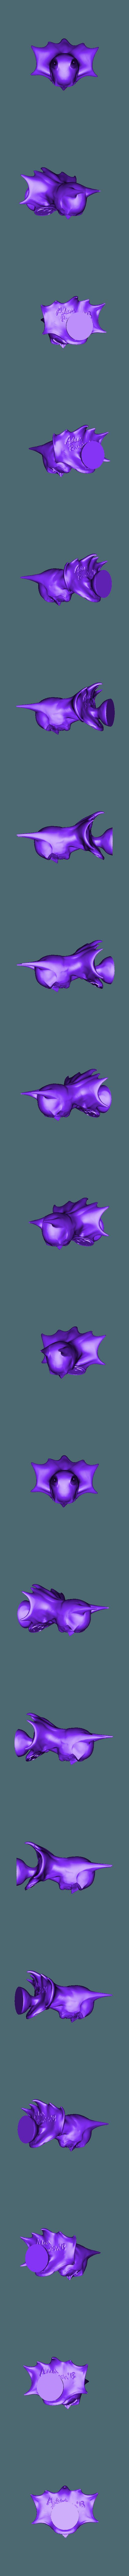 Batman1989.stl Download STL file Batman 1989 Bust (Michael Keaton) • 3D printable object, 3DWP